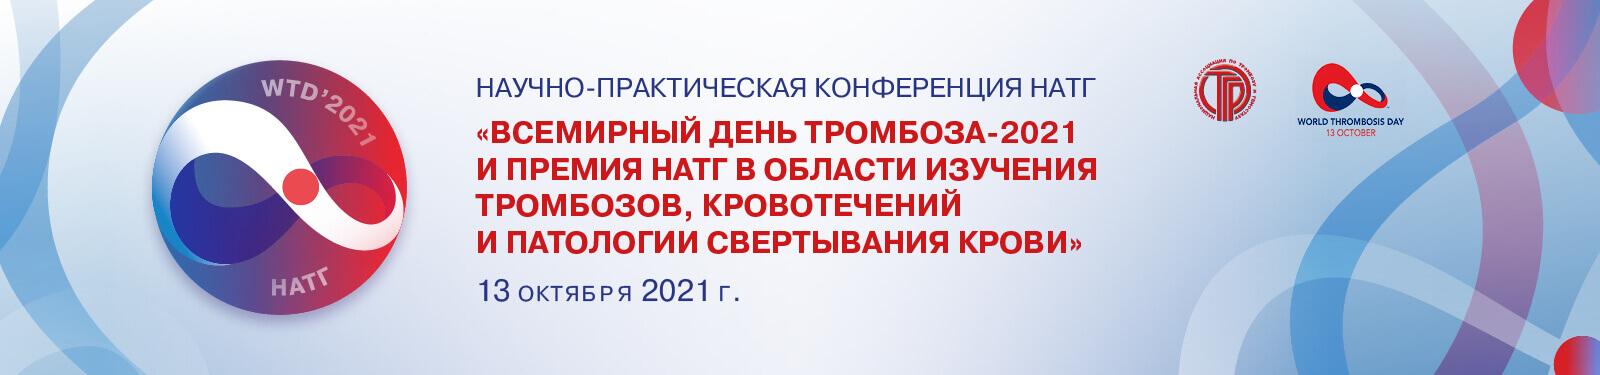 Всемирный день тромбоза 2021